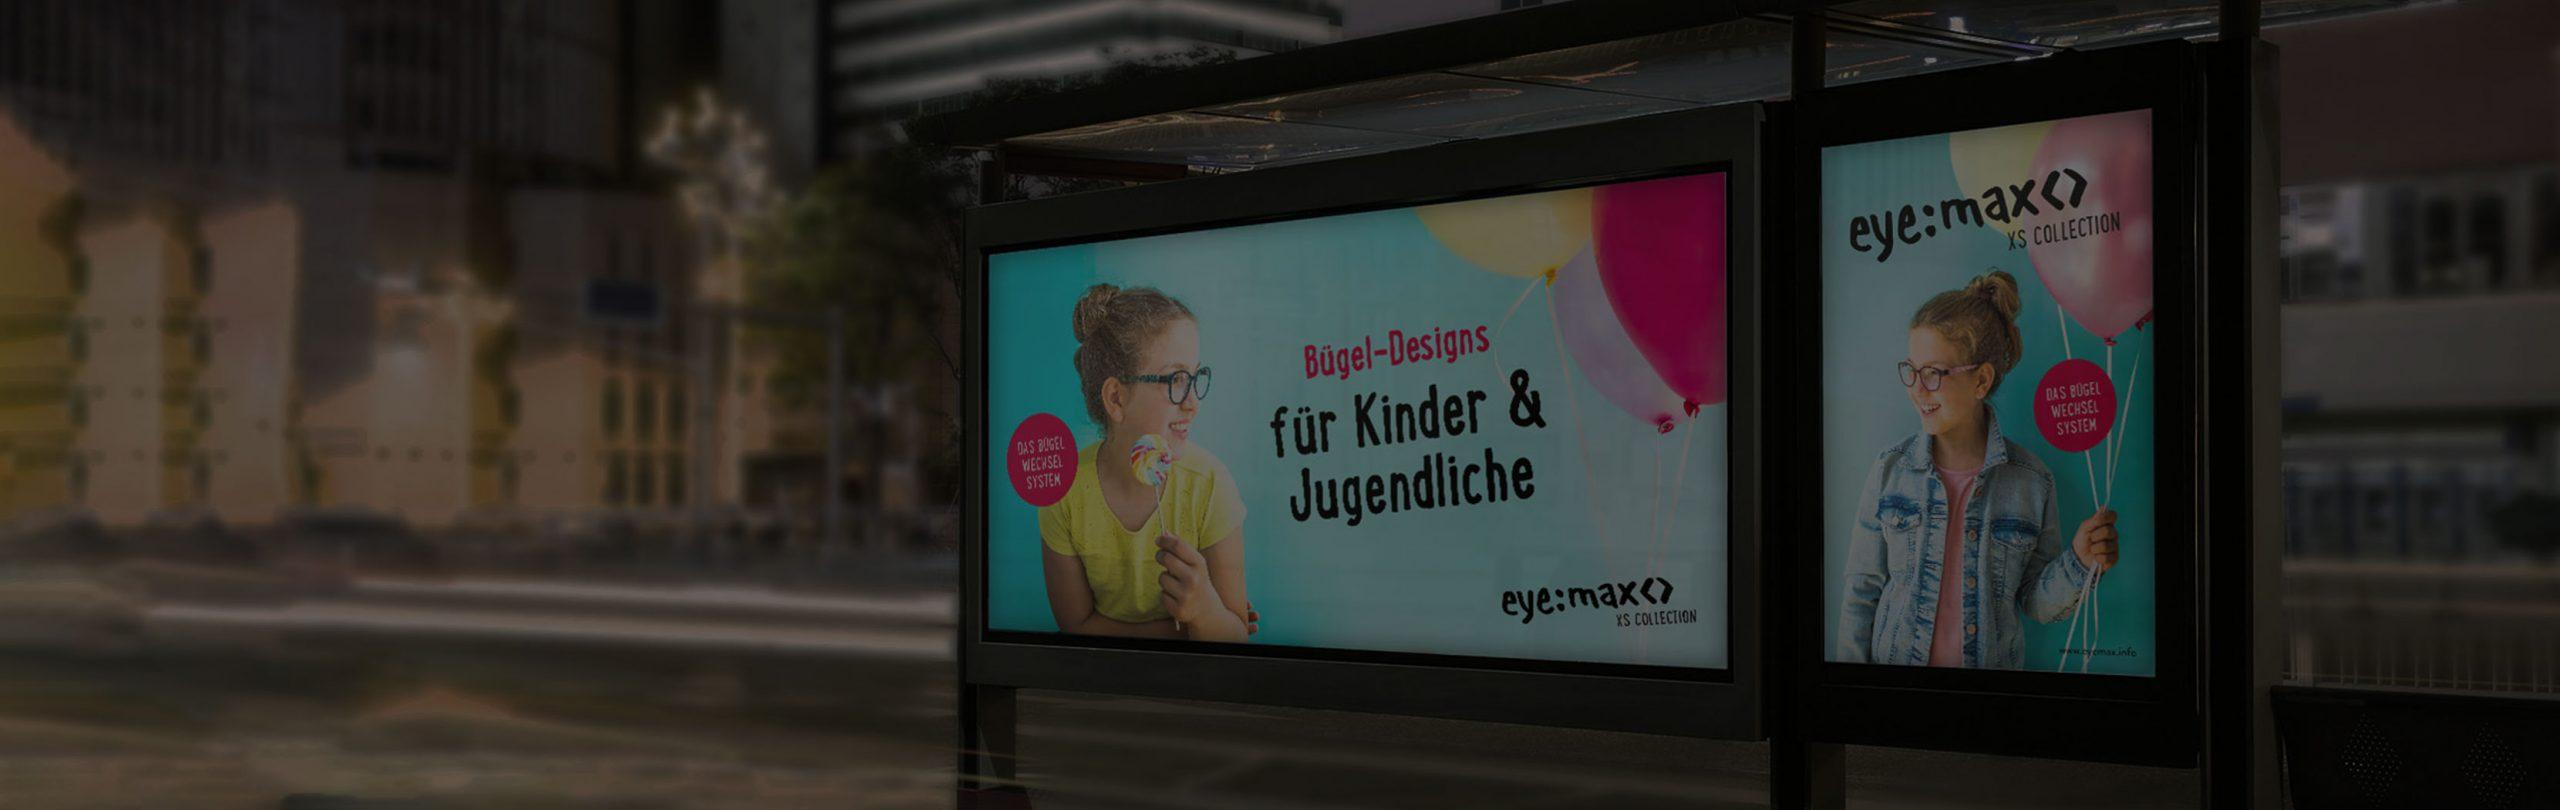 Citylight Plakat und Banner Display in der Stadt am Abend – eymax für Kinder